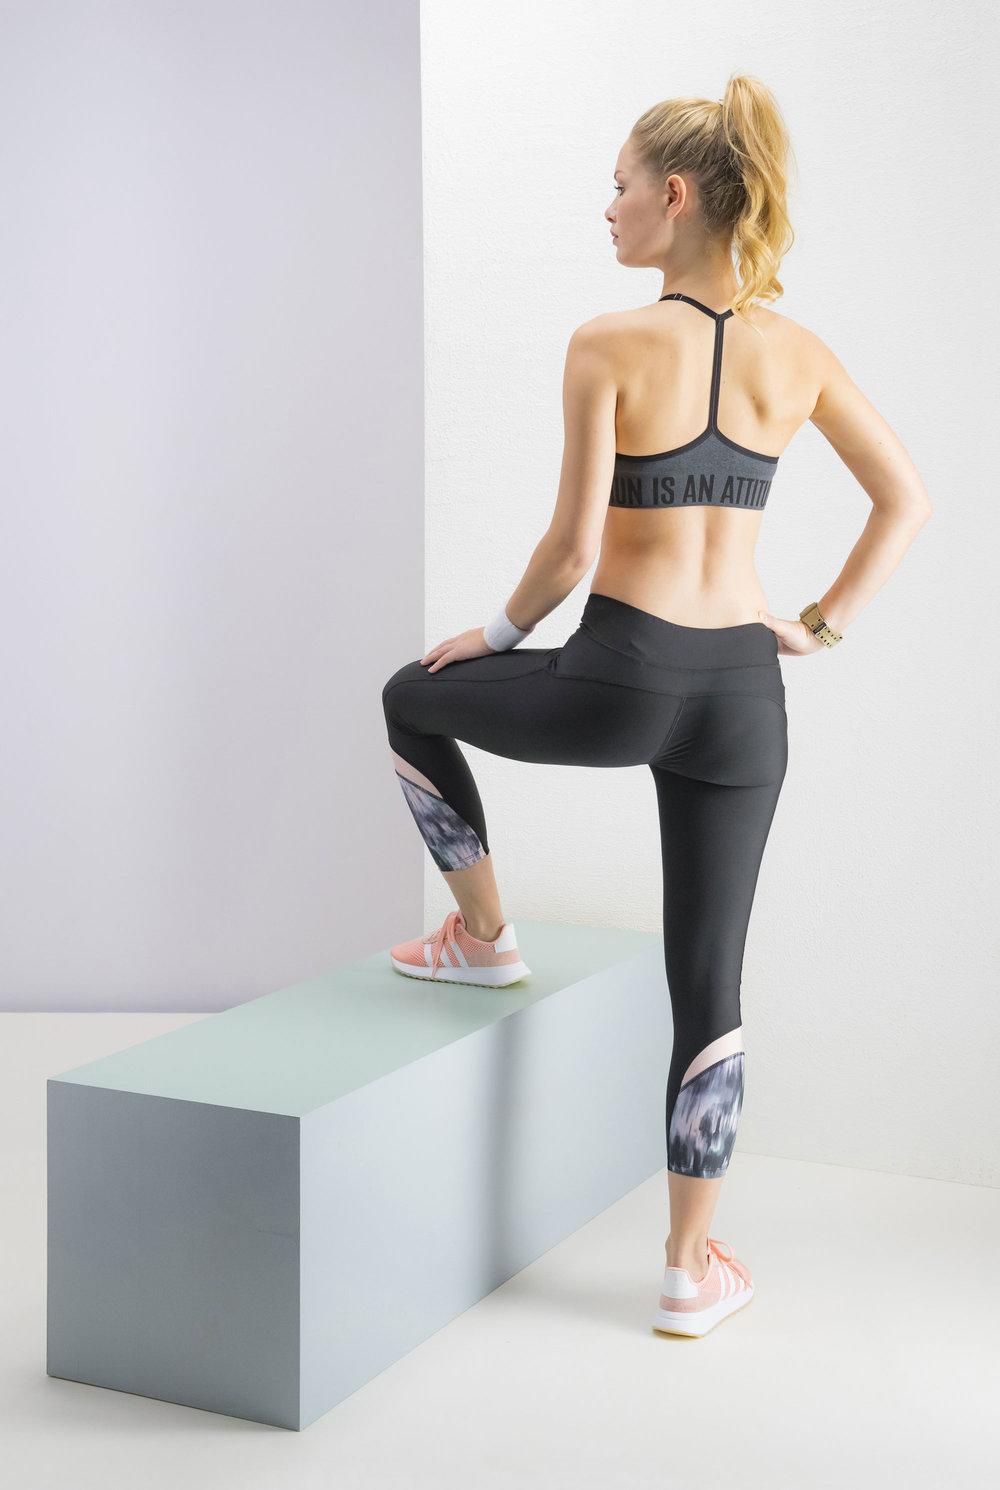 Marianne-sportwear-wall-block-set-1.jpg